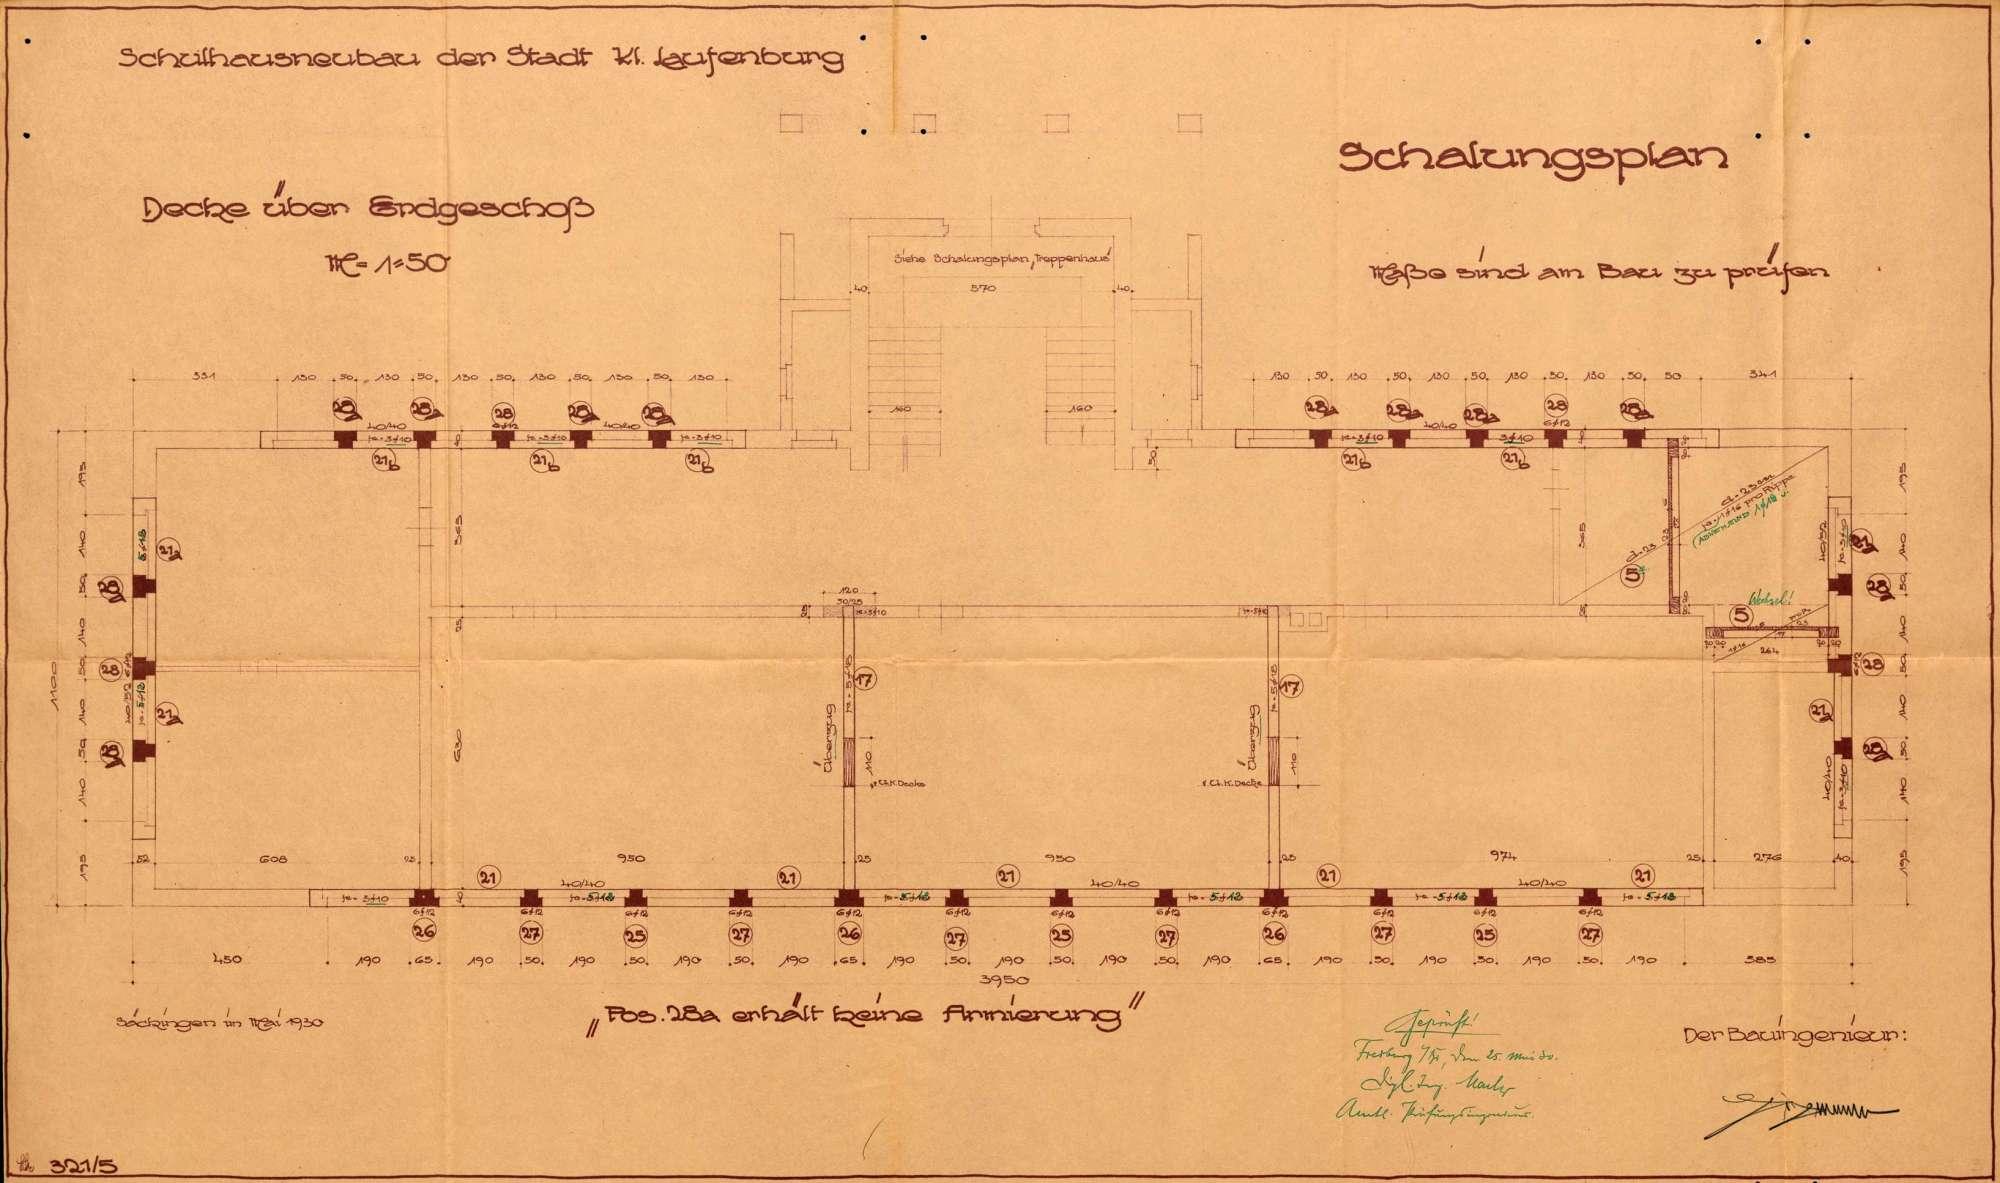 Neubau und bauliche Unterhaltung des Schulhauses in Kleinlaufenburg bzw. Laufenburg (Baden), Bild 2